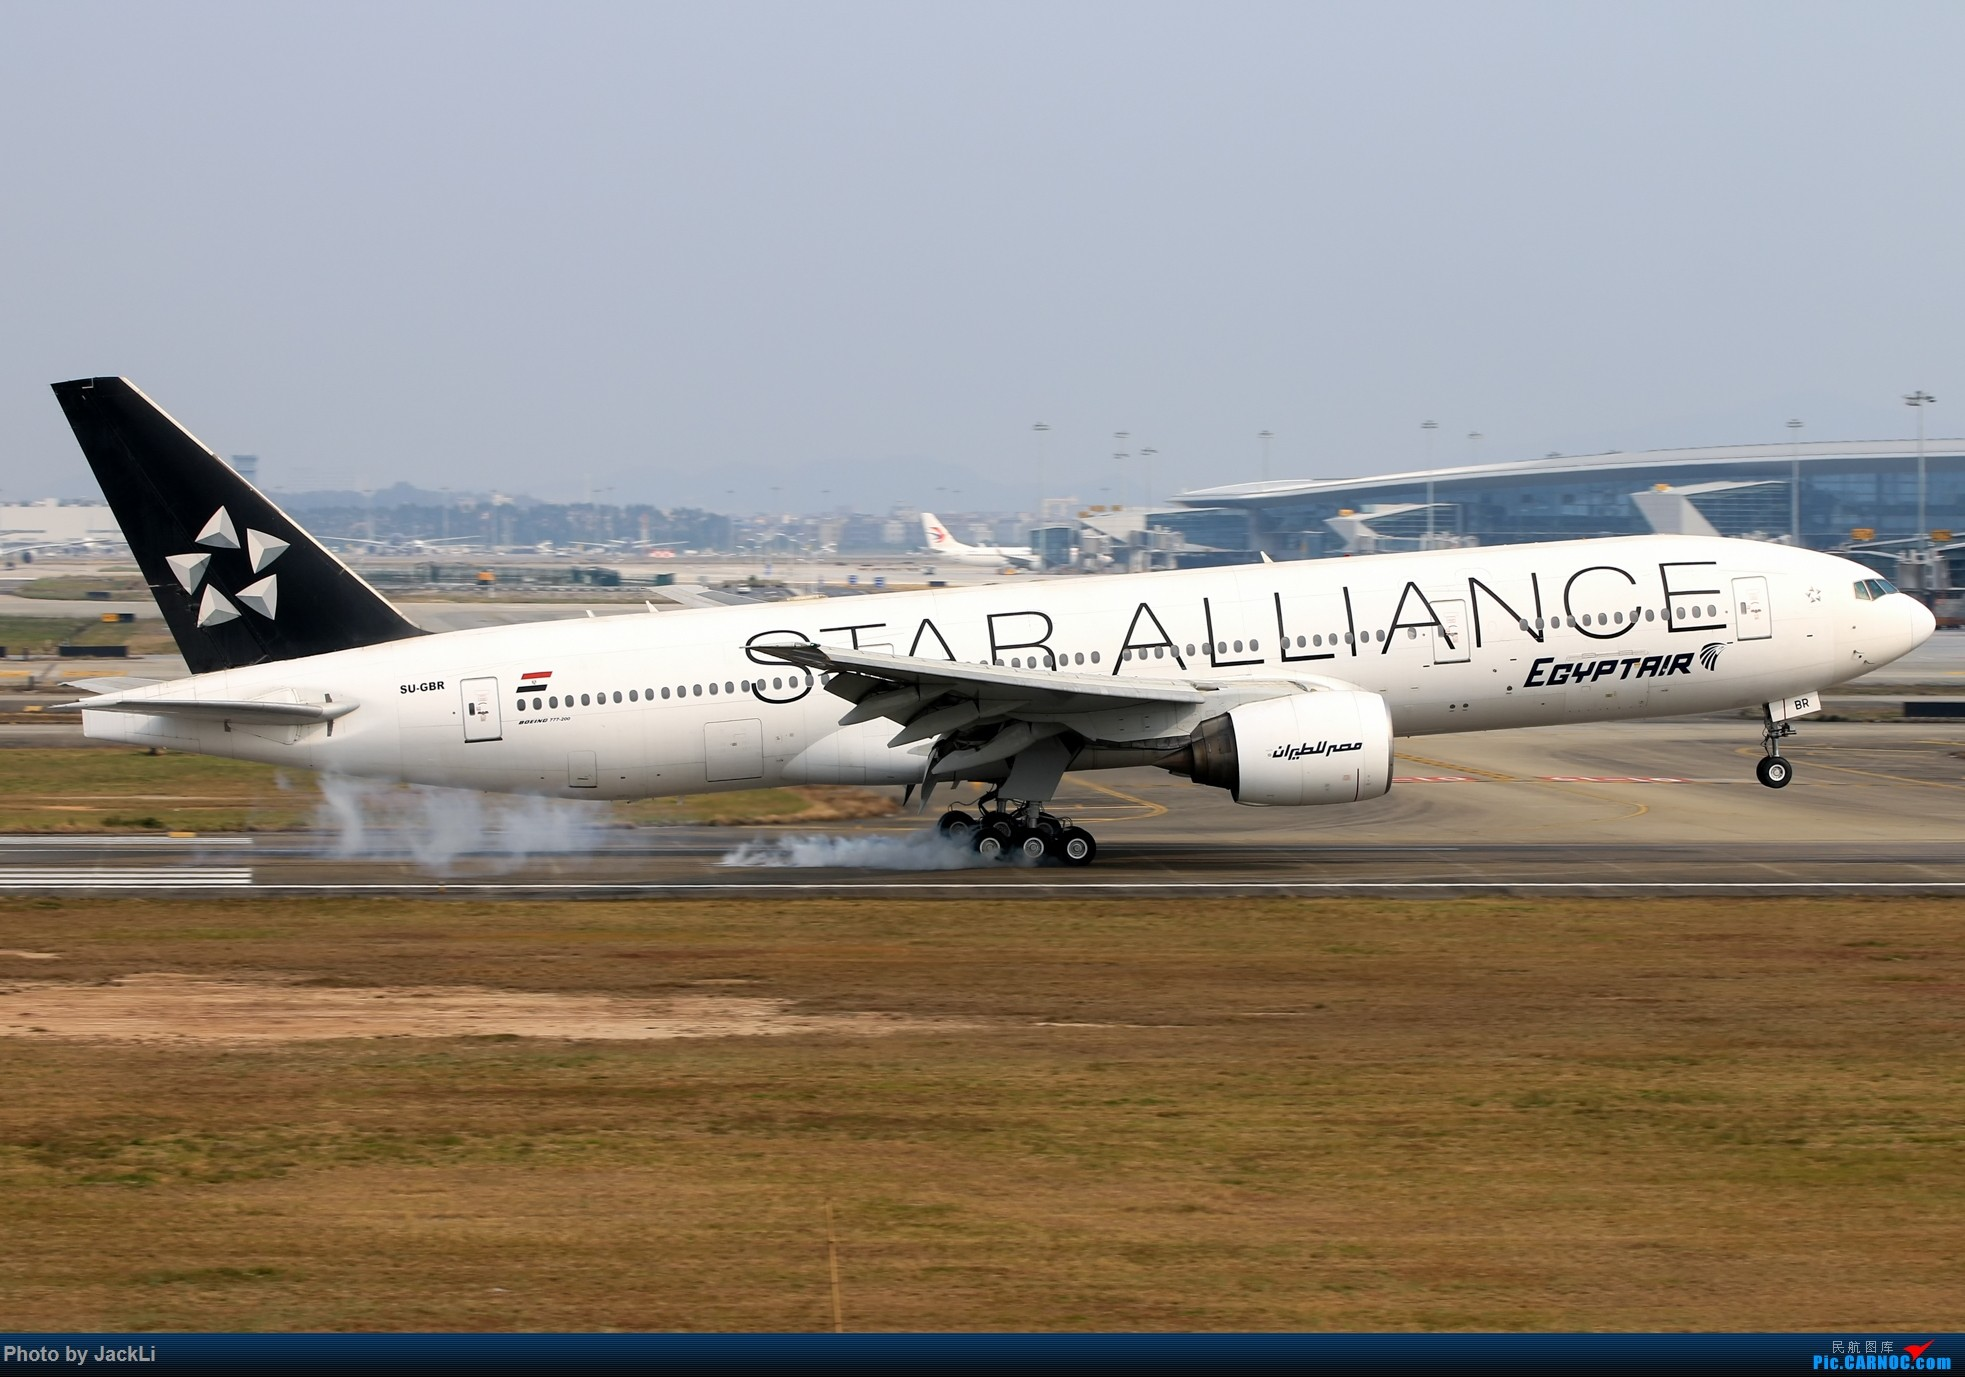 Re:[原创]【JackLi】寒假在白云机场的几次拍机~ BOEING 777-200 SU-GBR 中国广州白云国际机场